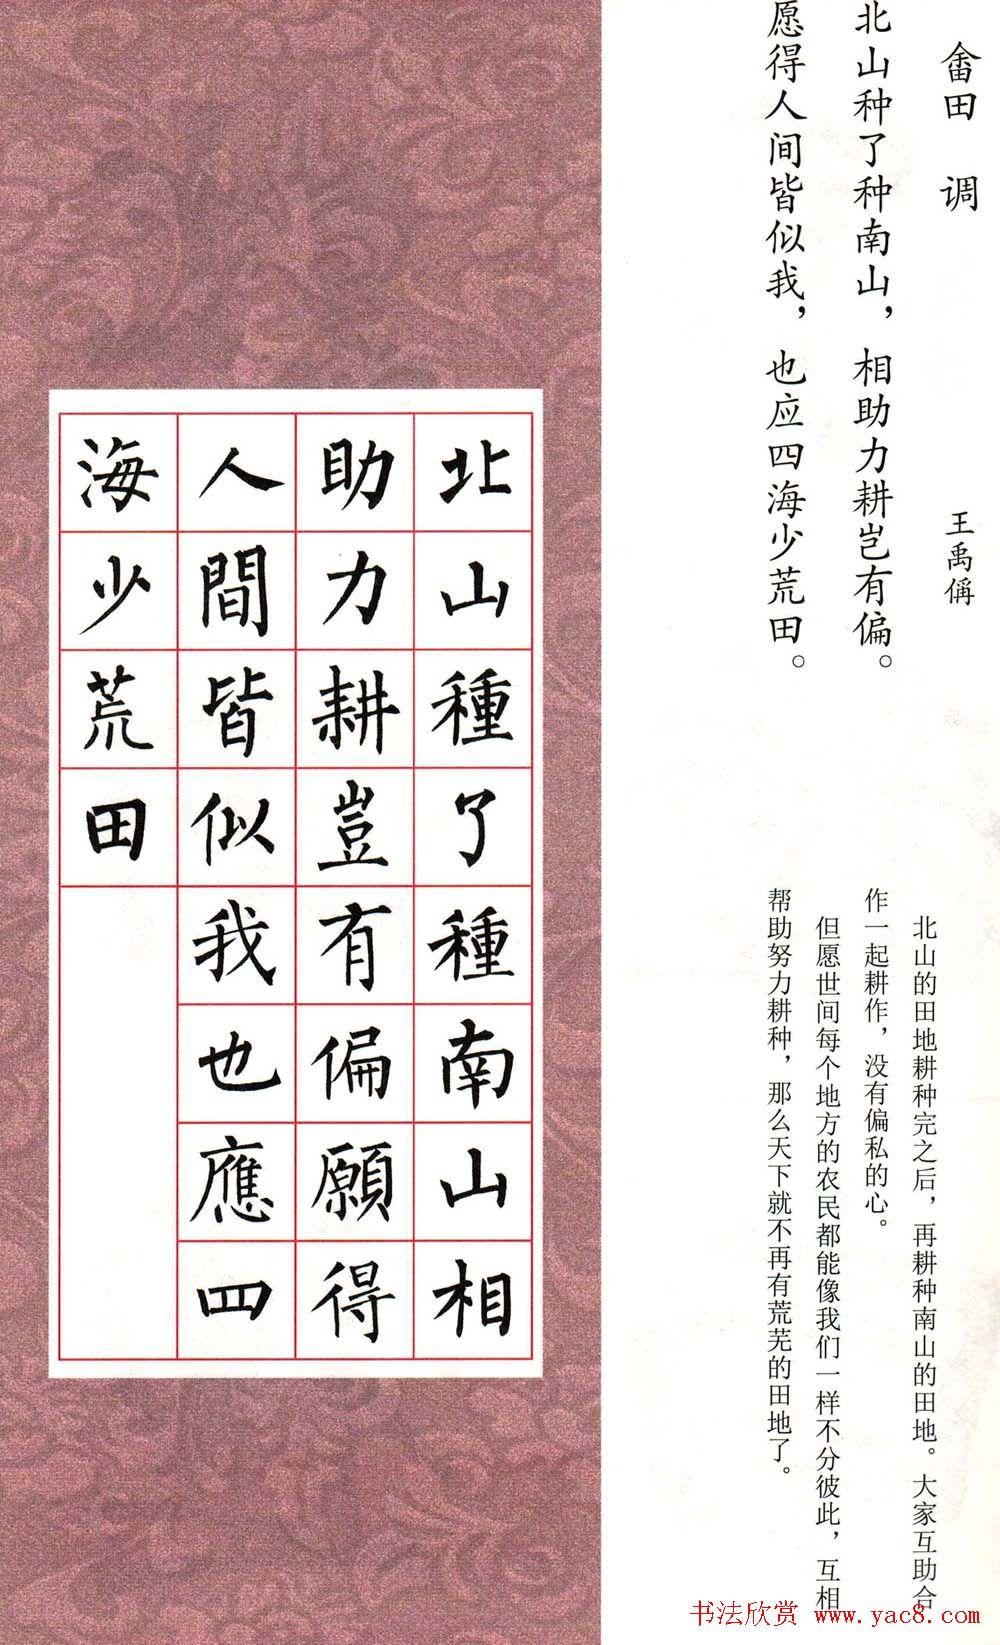 书法字帖欣赏《柳体集字古诗七言绝句八首》